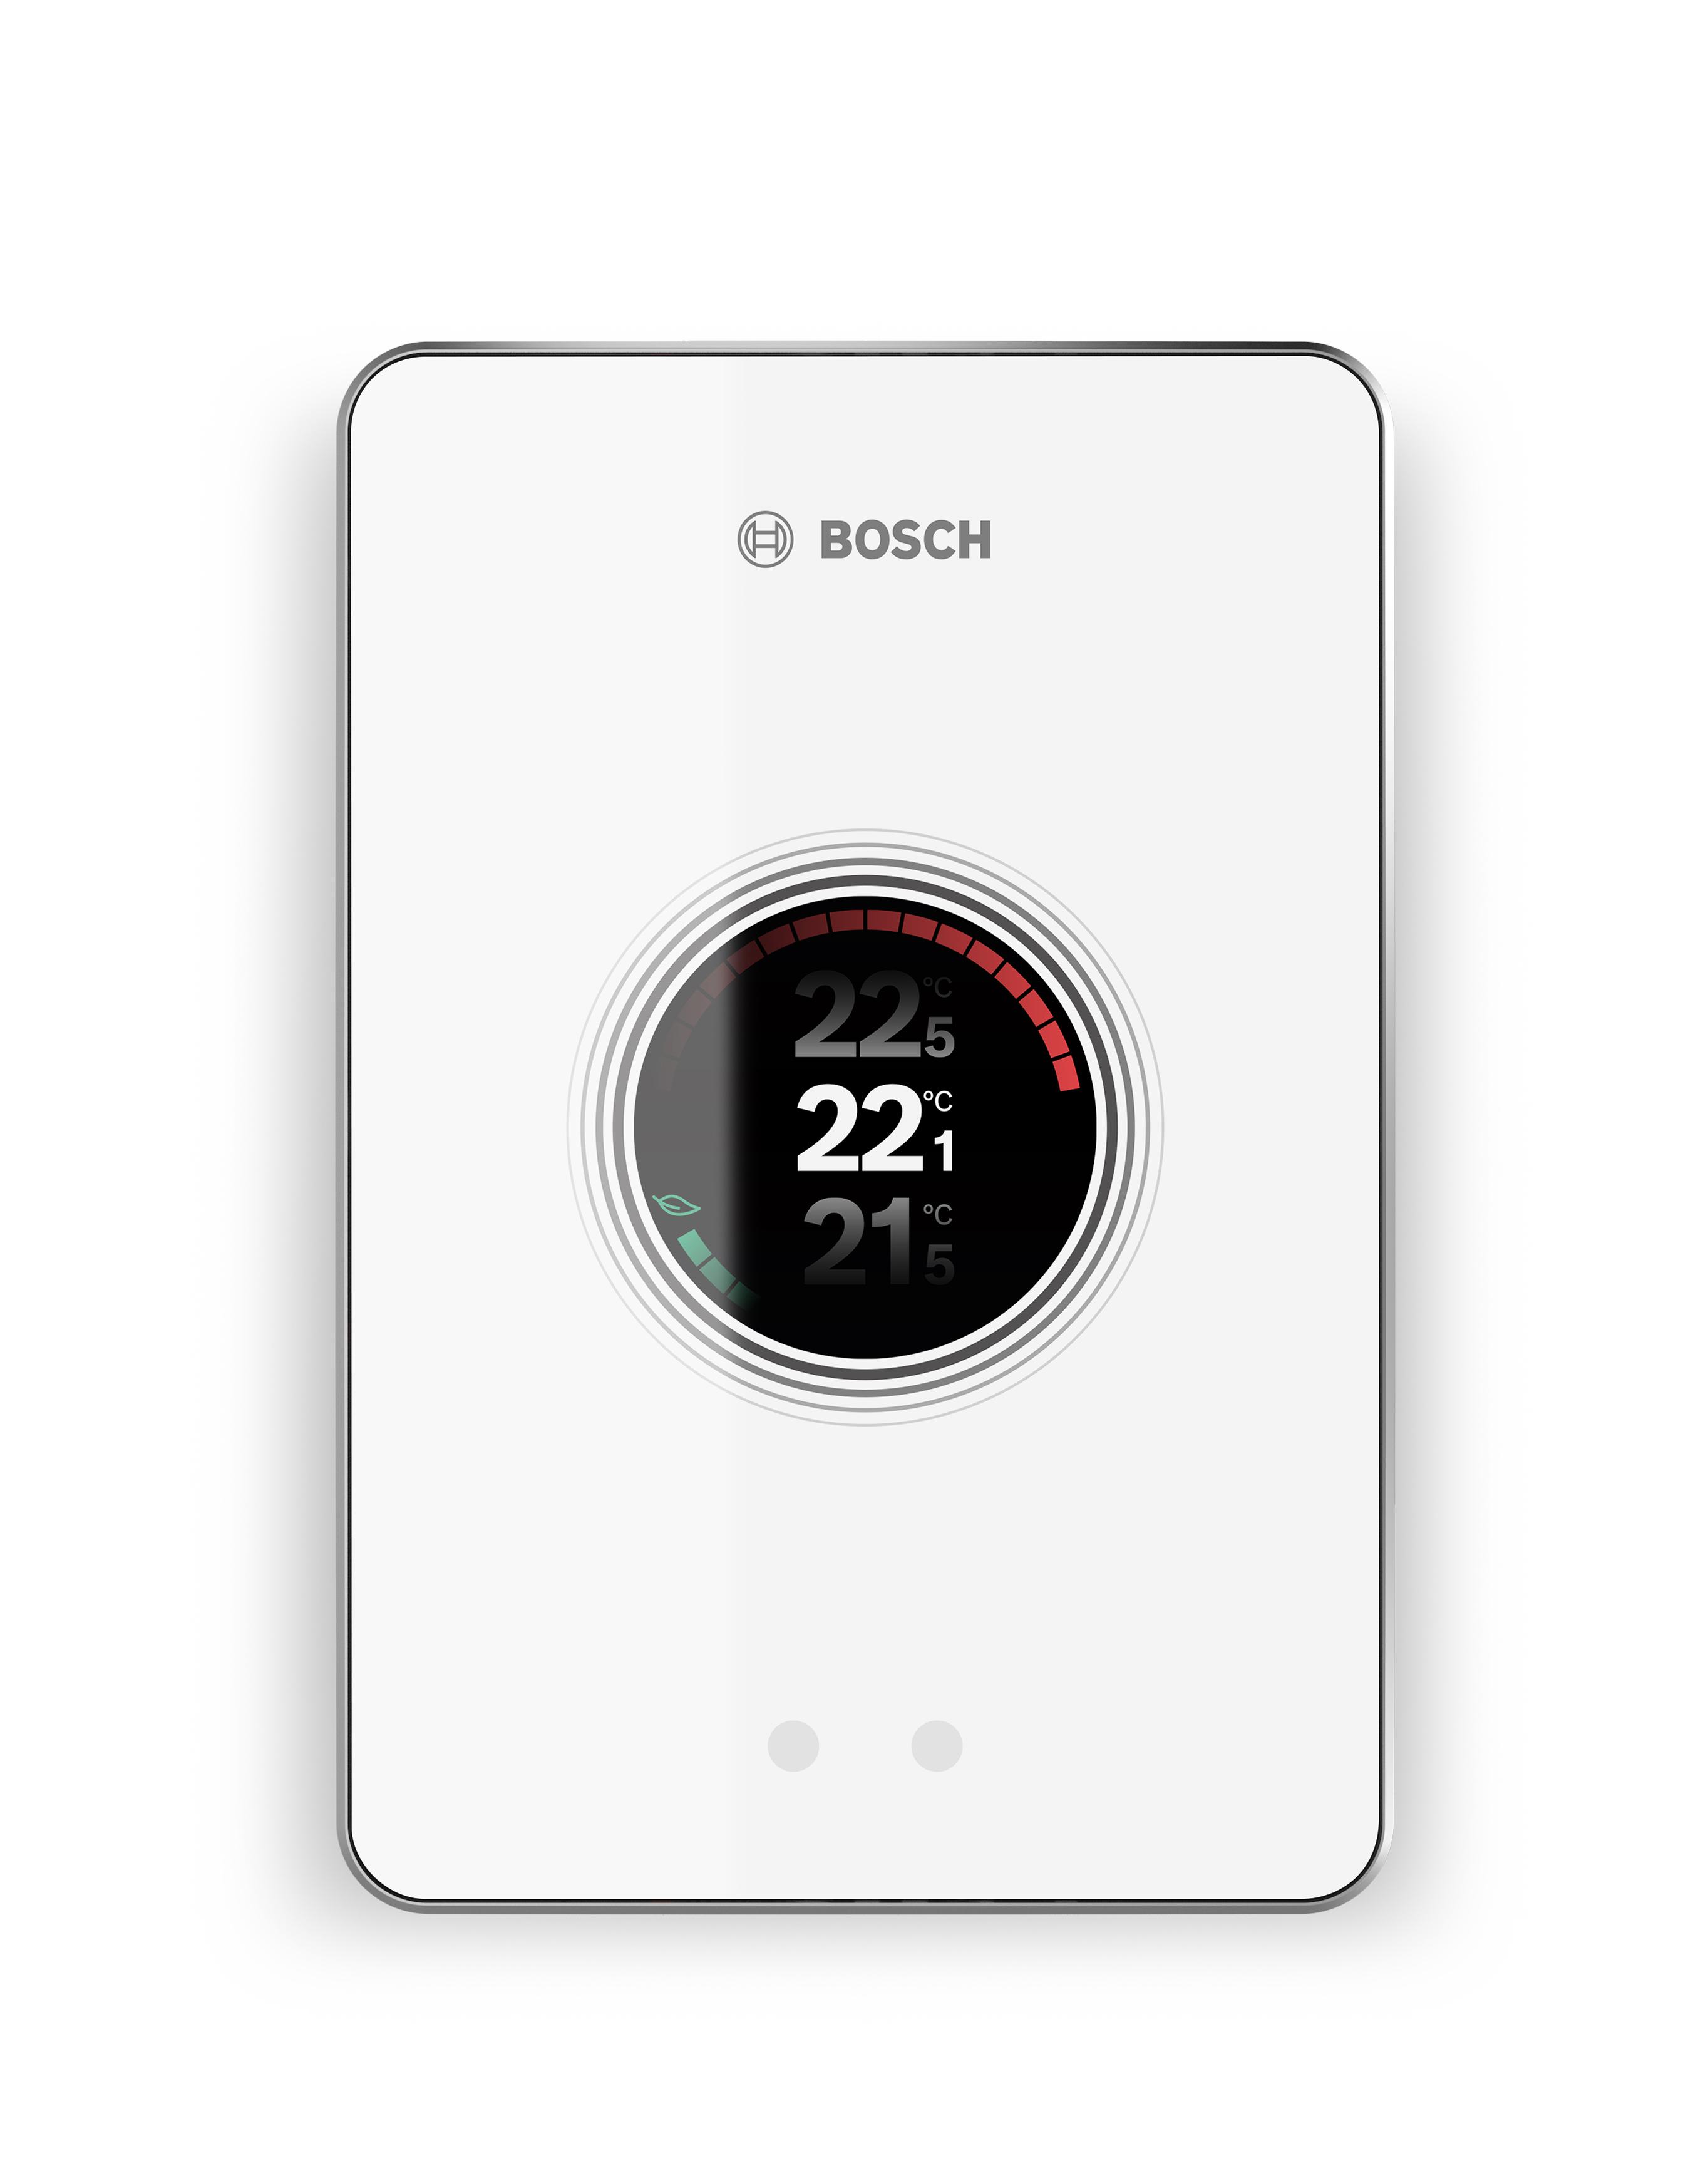 Mit Bosch Easycontrol Bei Hohem Komfort Einfach Energie Sparen